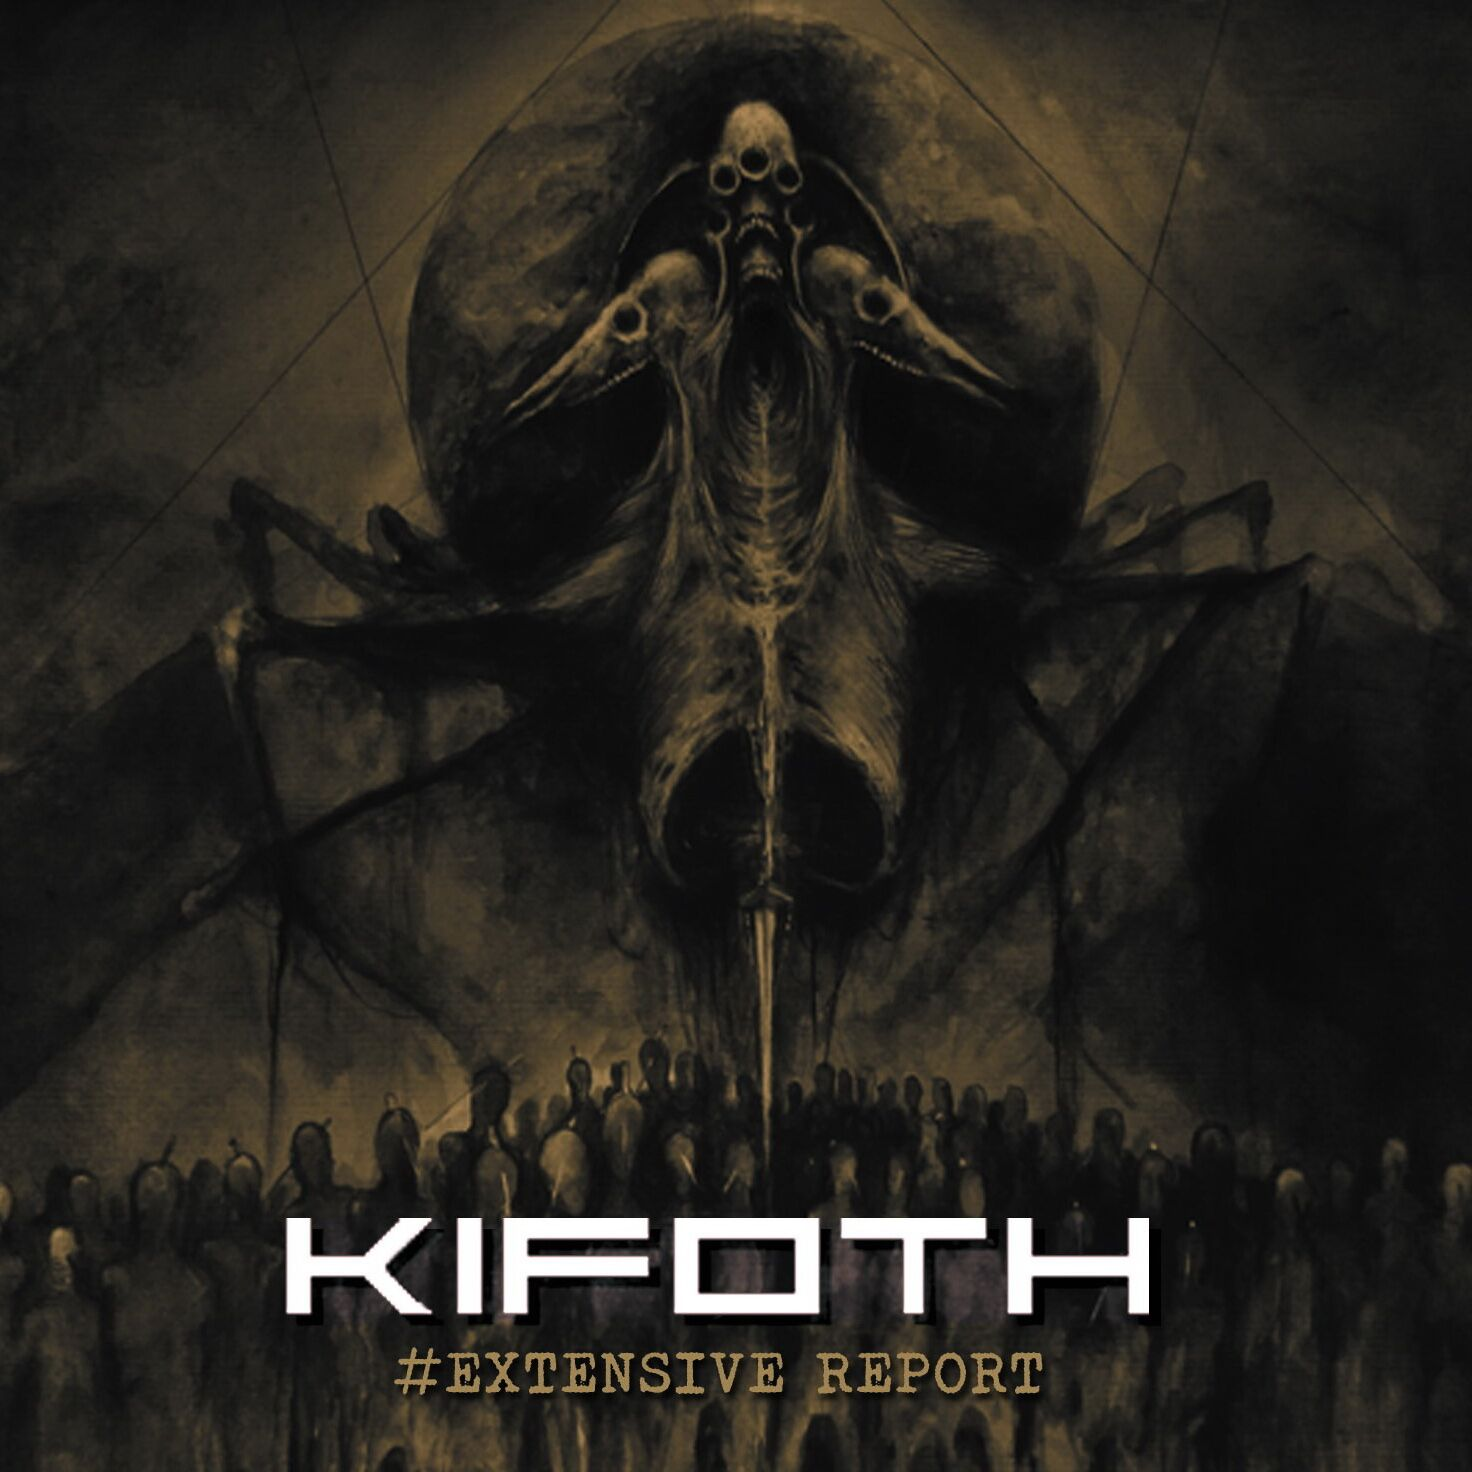 KIFOTH